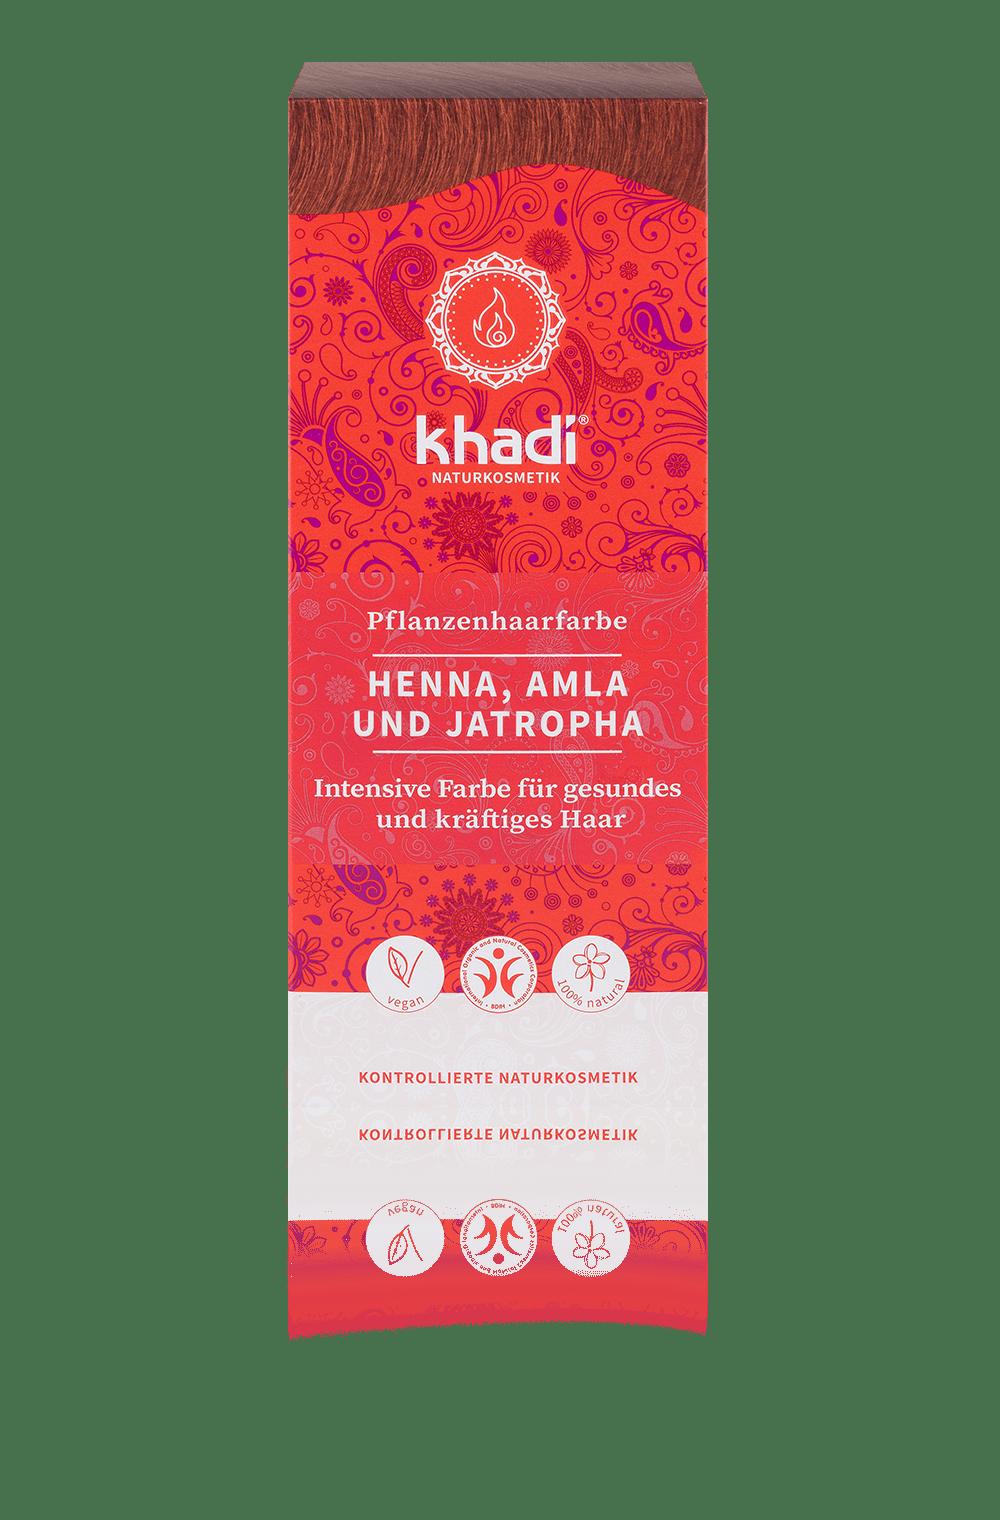 Khadi luonnollinen hiusväri Henna, amla & jatropha